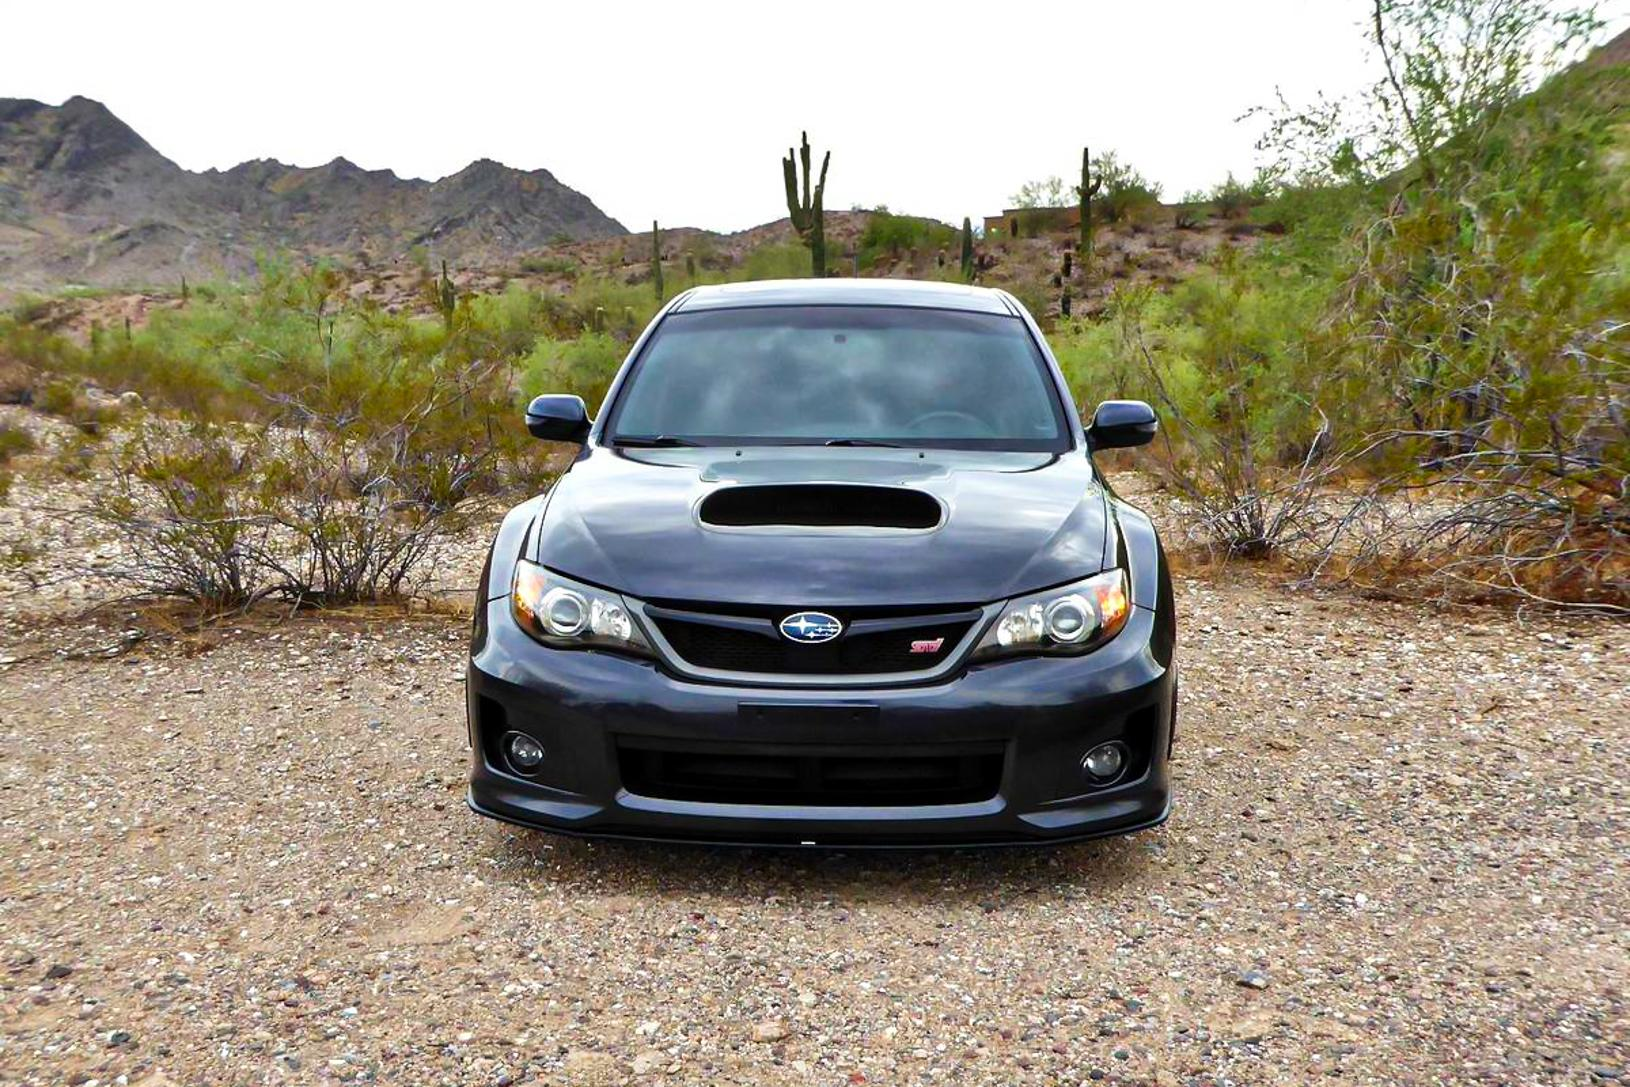 2011 Subaru STi